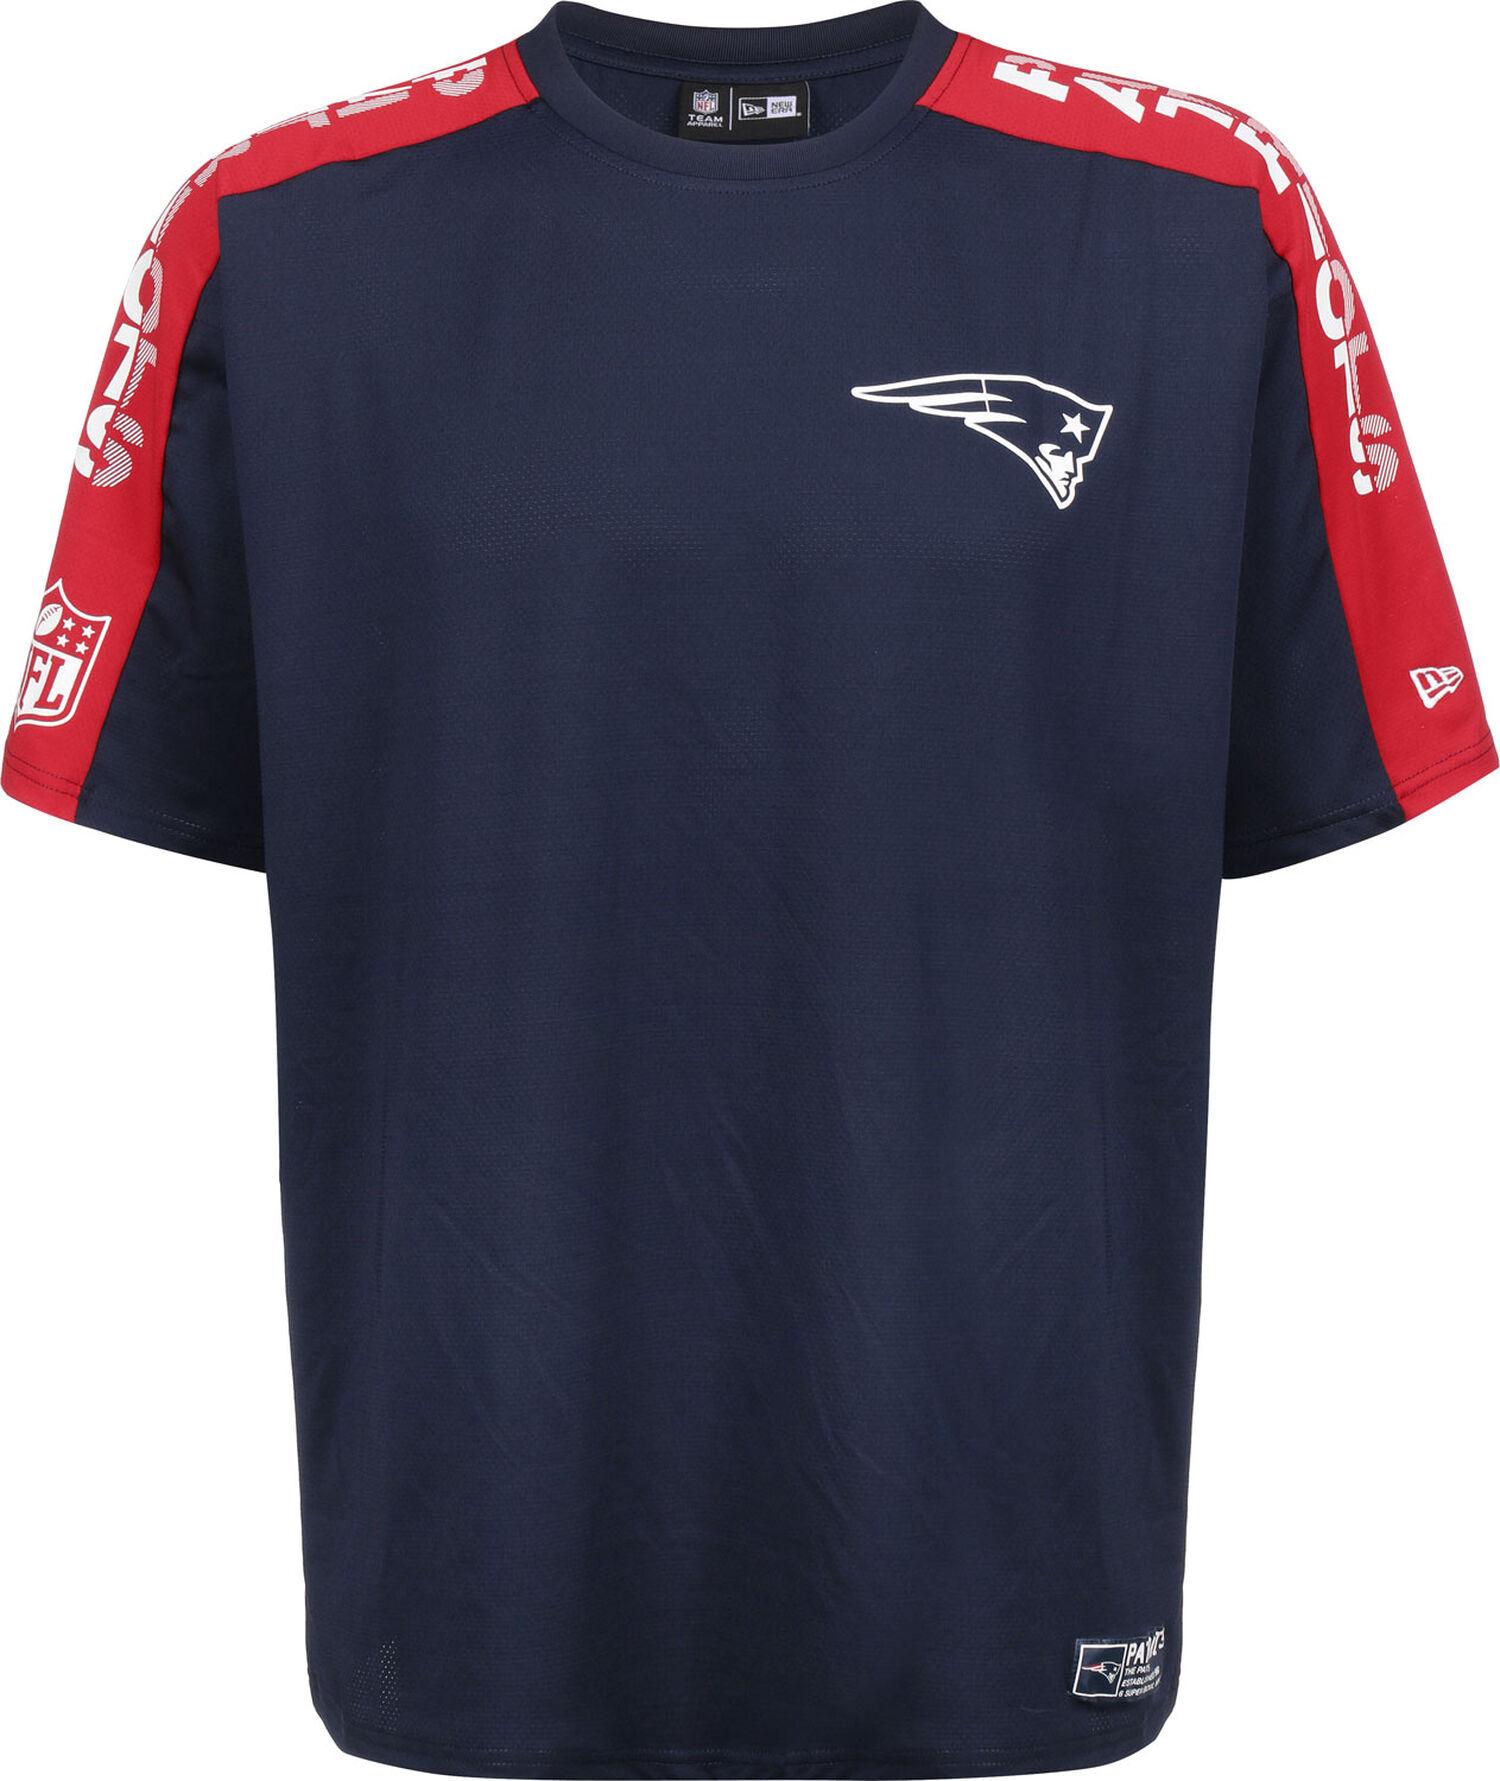 NFL Oversized Shoulder Print New England Patriots